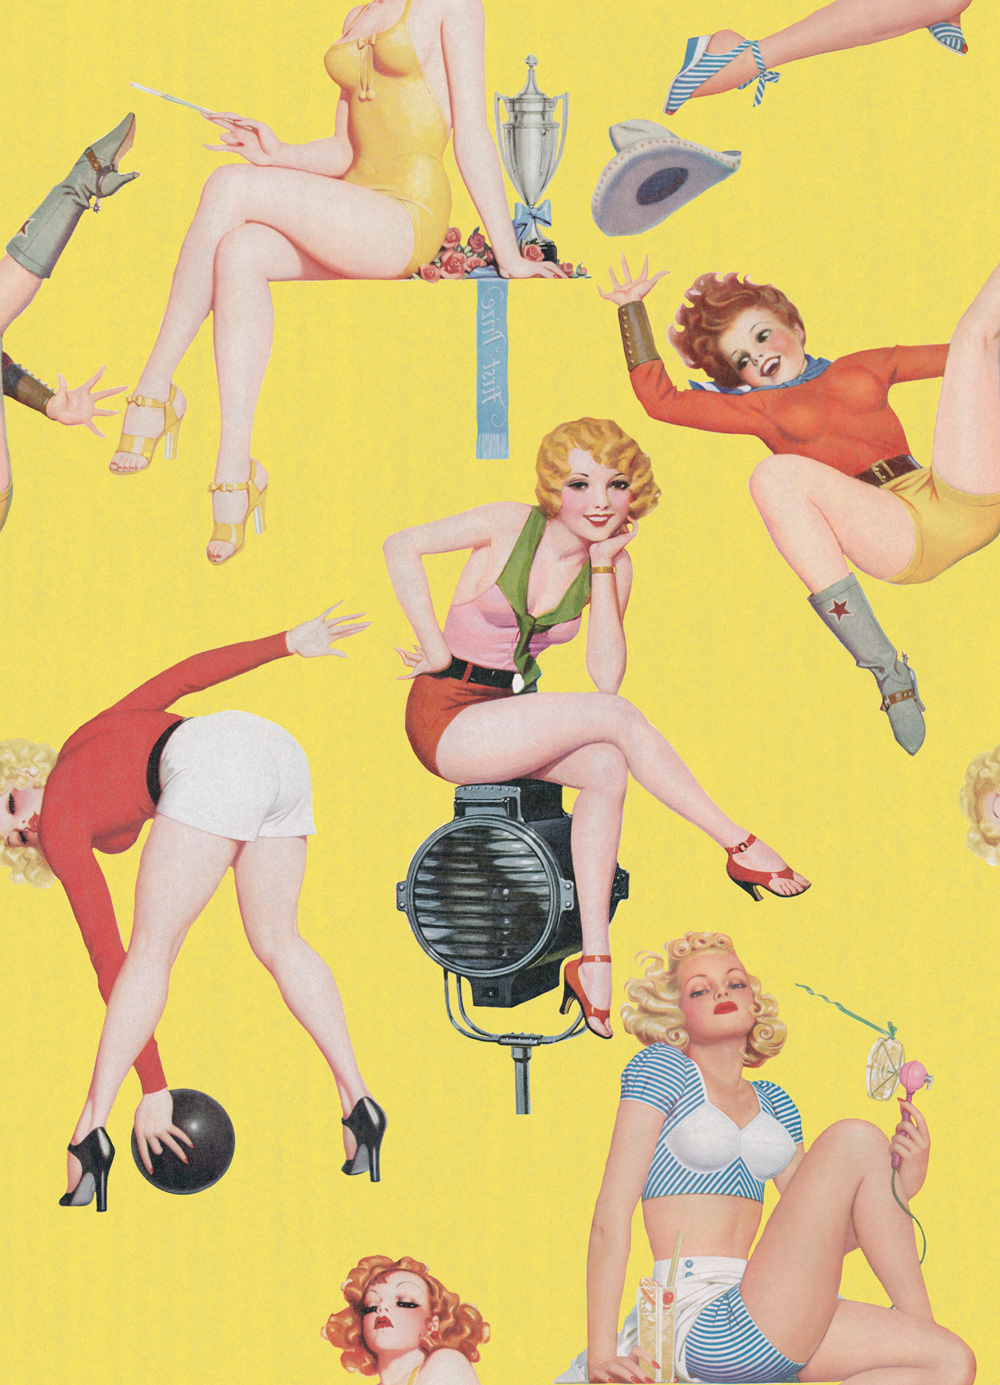 Tapet Designer Retro Metro Pin-up Girls I Mindthegap